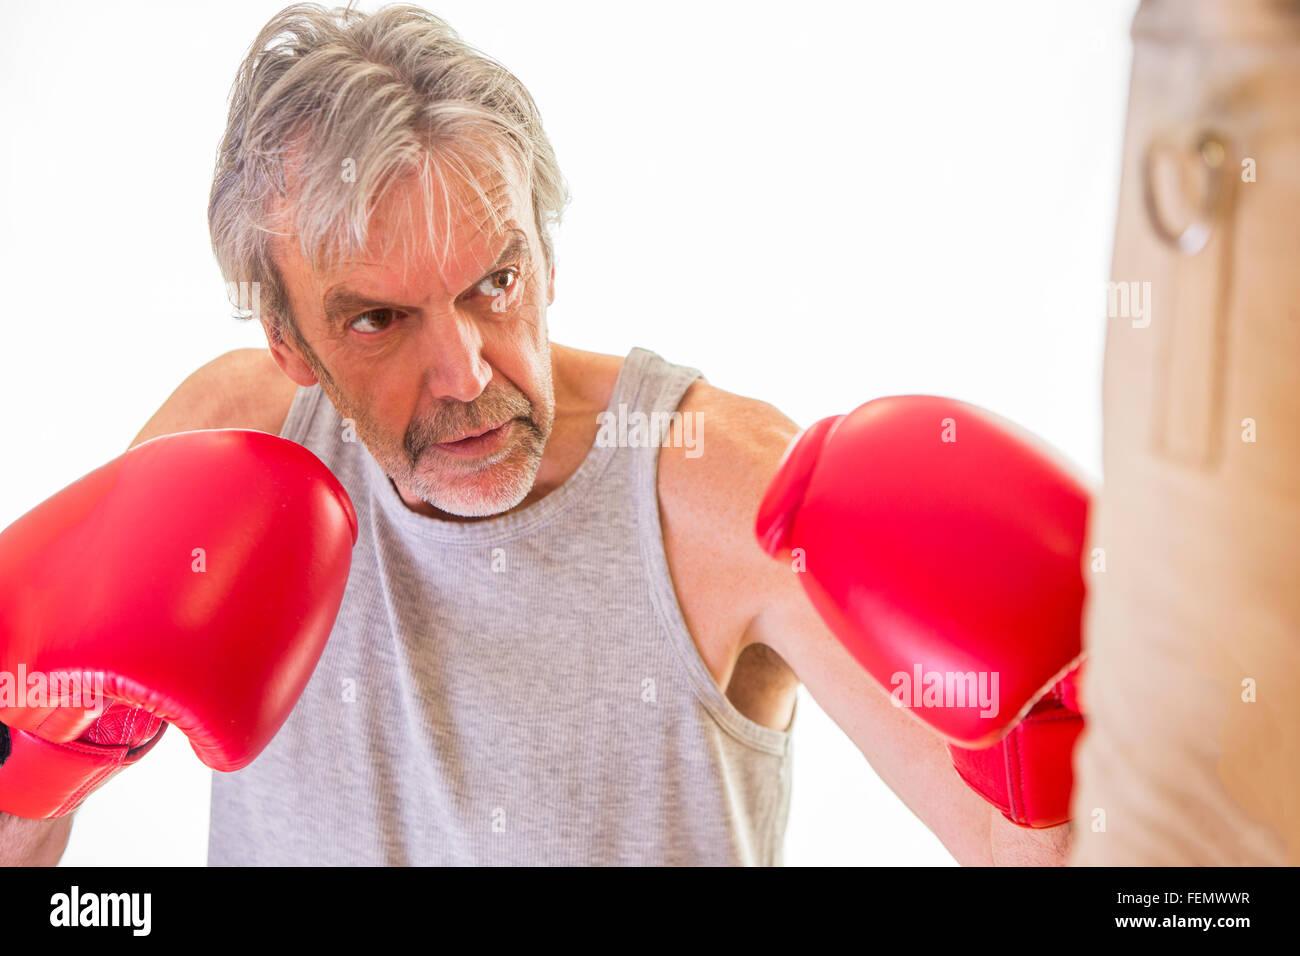 Senior man wearing gloves using a punching bag - Stock Image